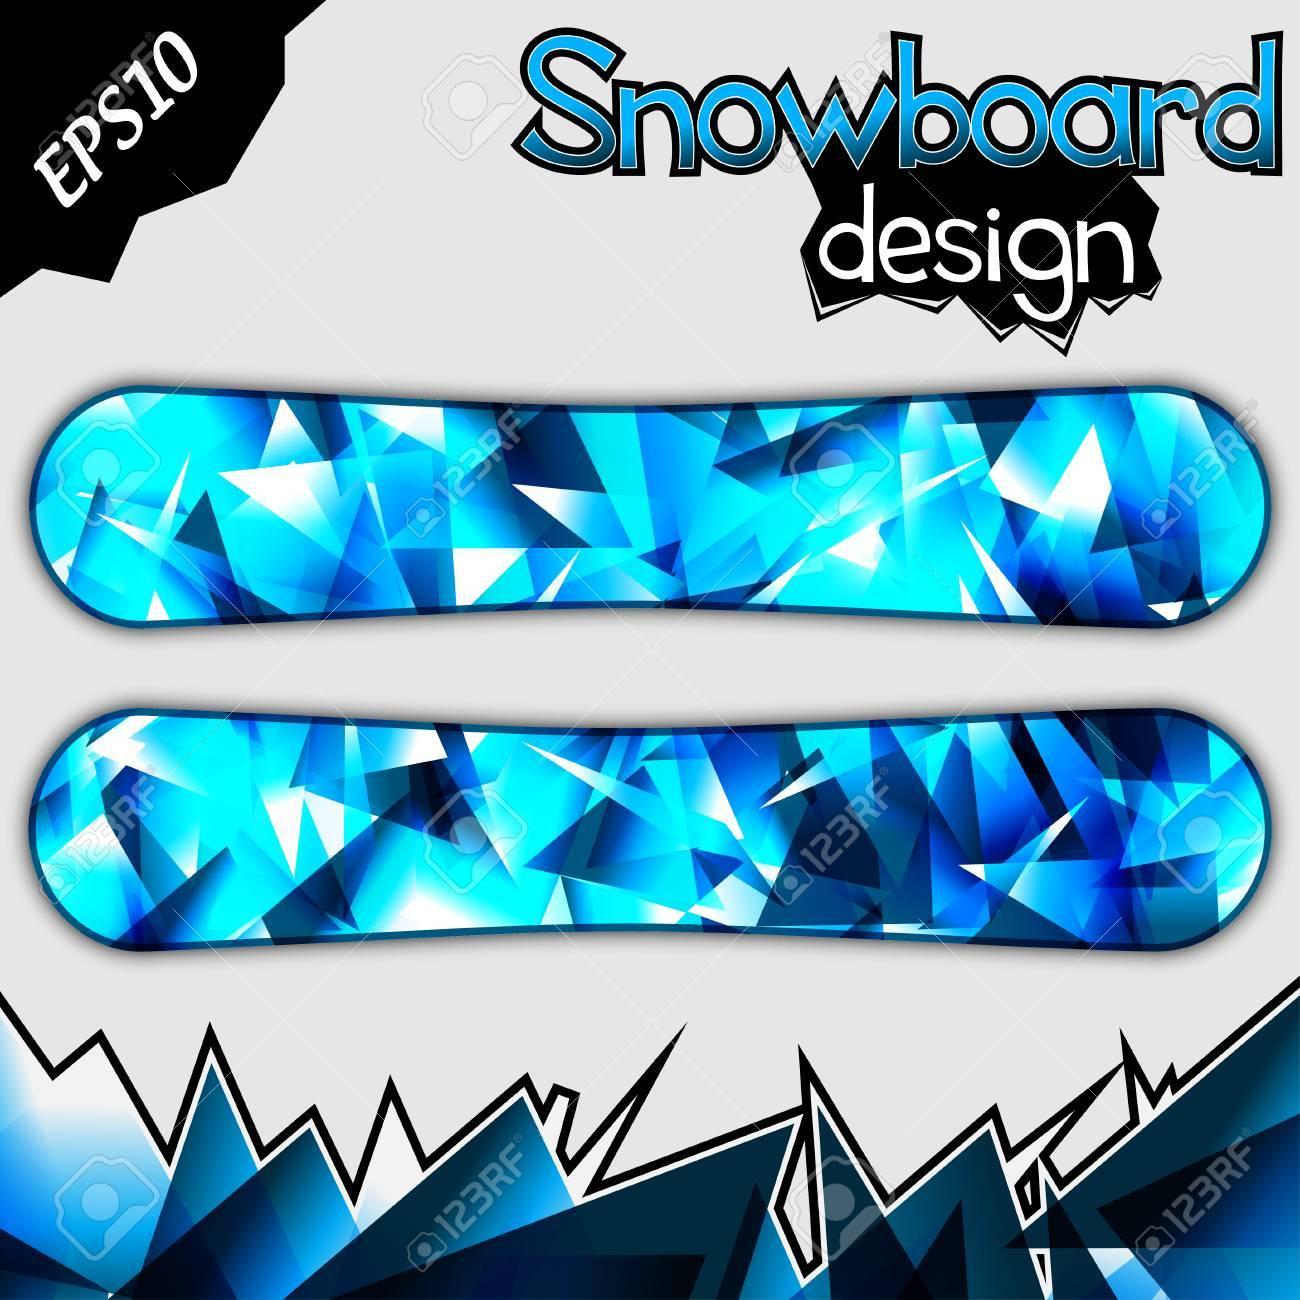 Snowboard Design - 23310887